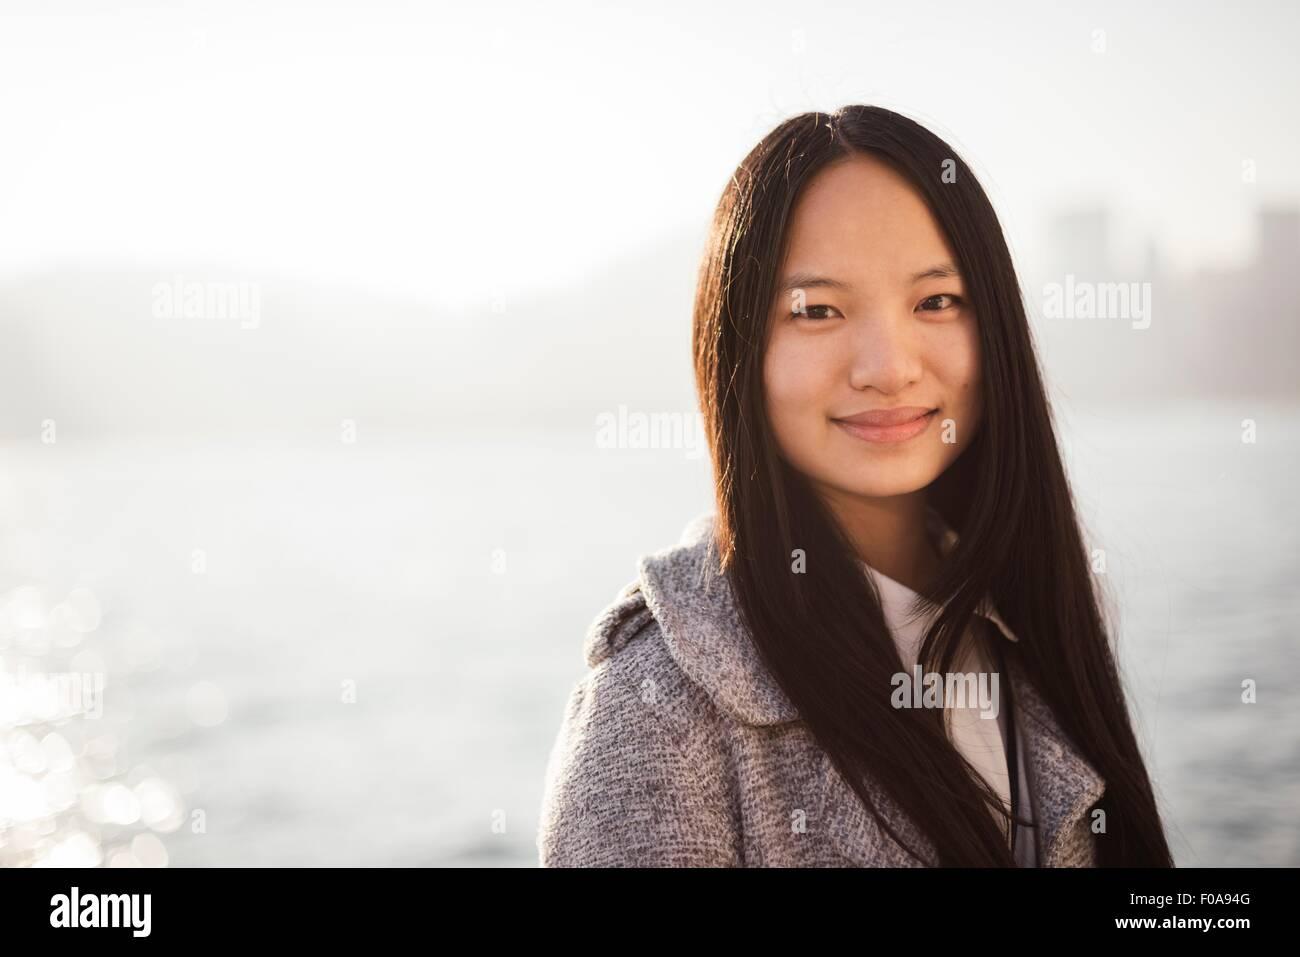 Ritratto di giovane donna con lunghi capelli bruna nel centro il troncaggio di guardare fotocamera a sorridere Immagini Stock